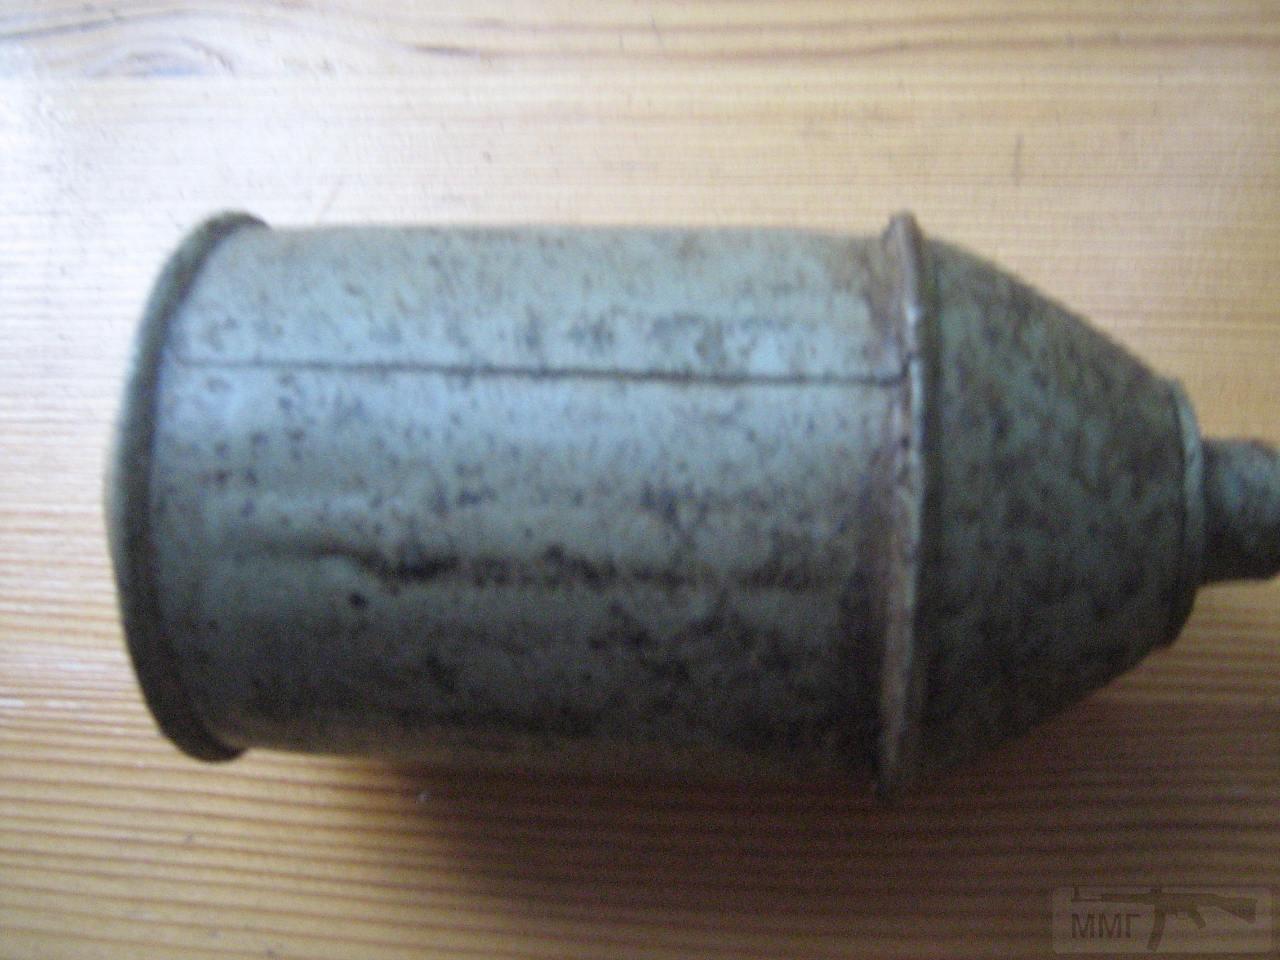 12191 - Ручная артиллерия.